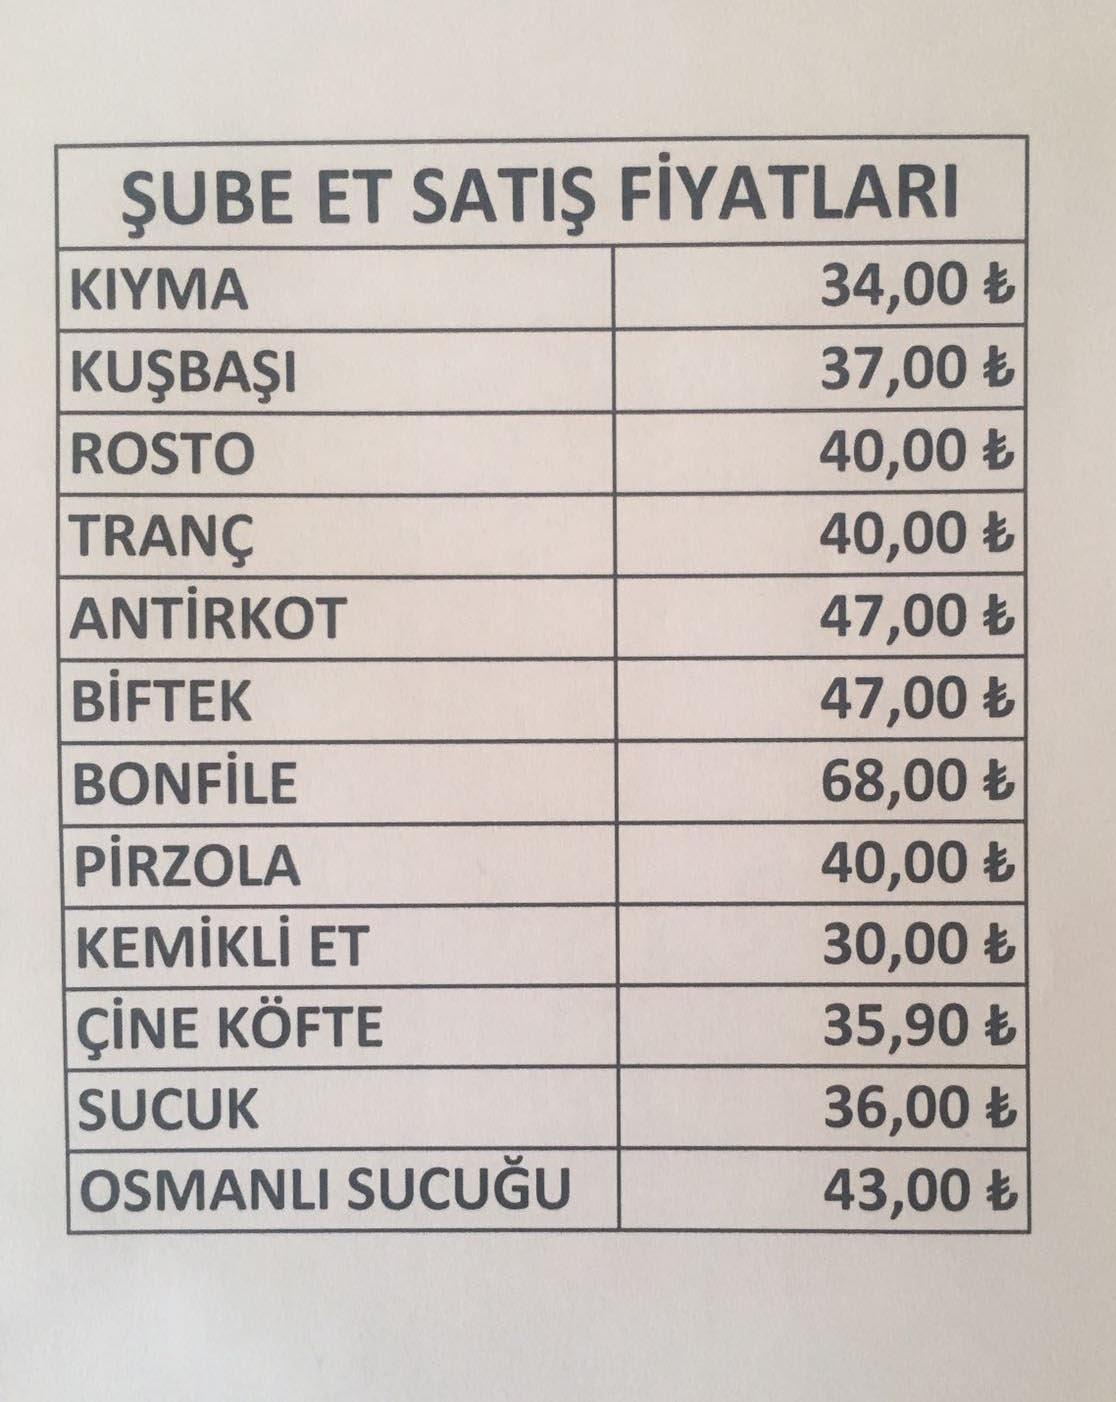 Bu listedeki ürünler Aydın'ın satış fiyatları... Bu fiyatları marketiniz ve kasabınızla karşılaştırın